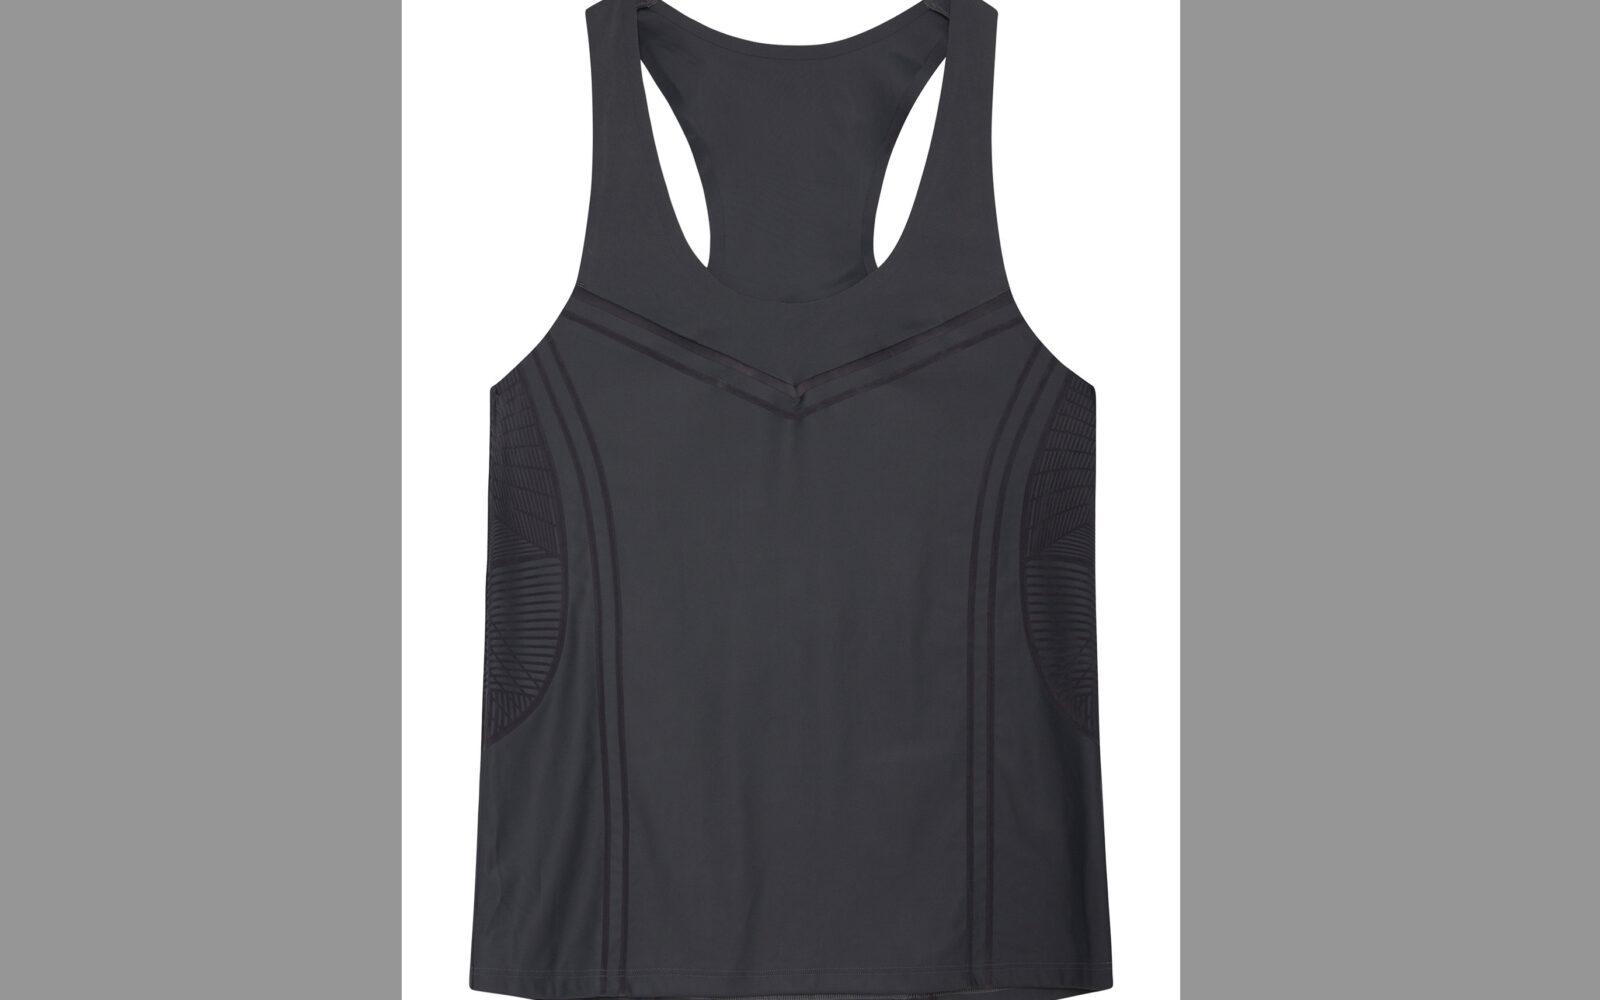 Oysho Sport Outdoor Running, maglietta con dettagli floccati, in tessuto tecnico che controlla l'umidità della pelle. Euro 25,99